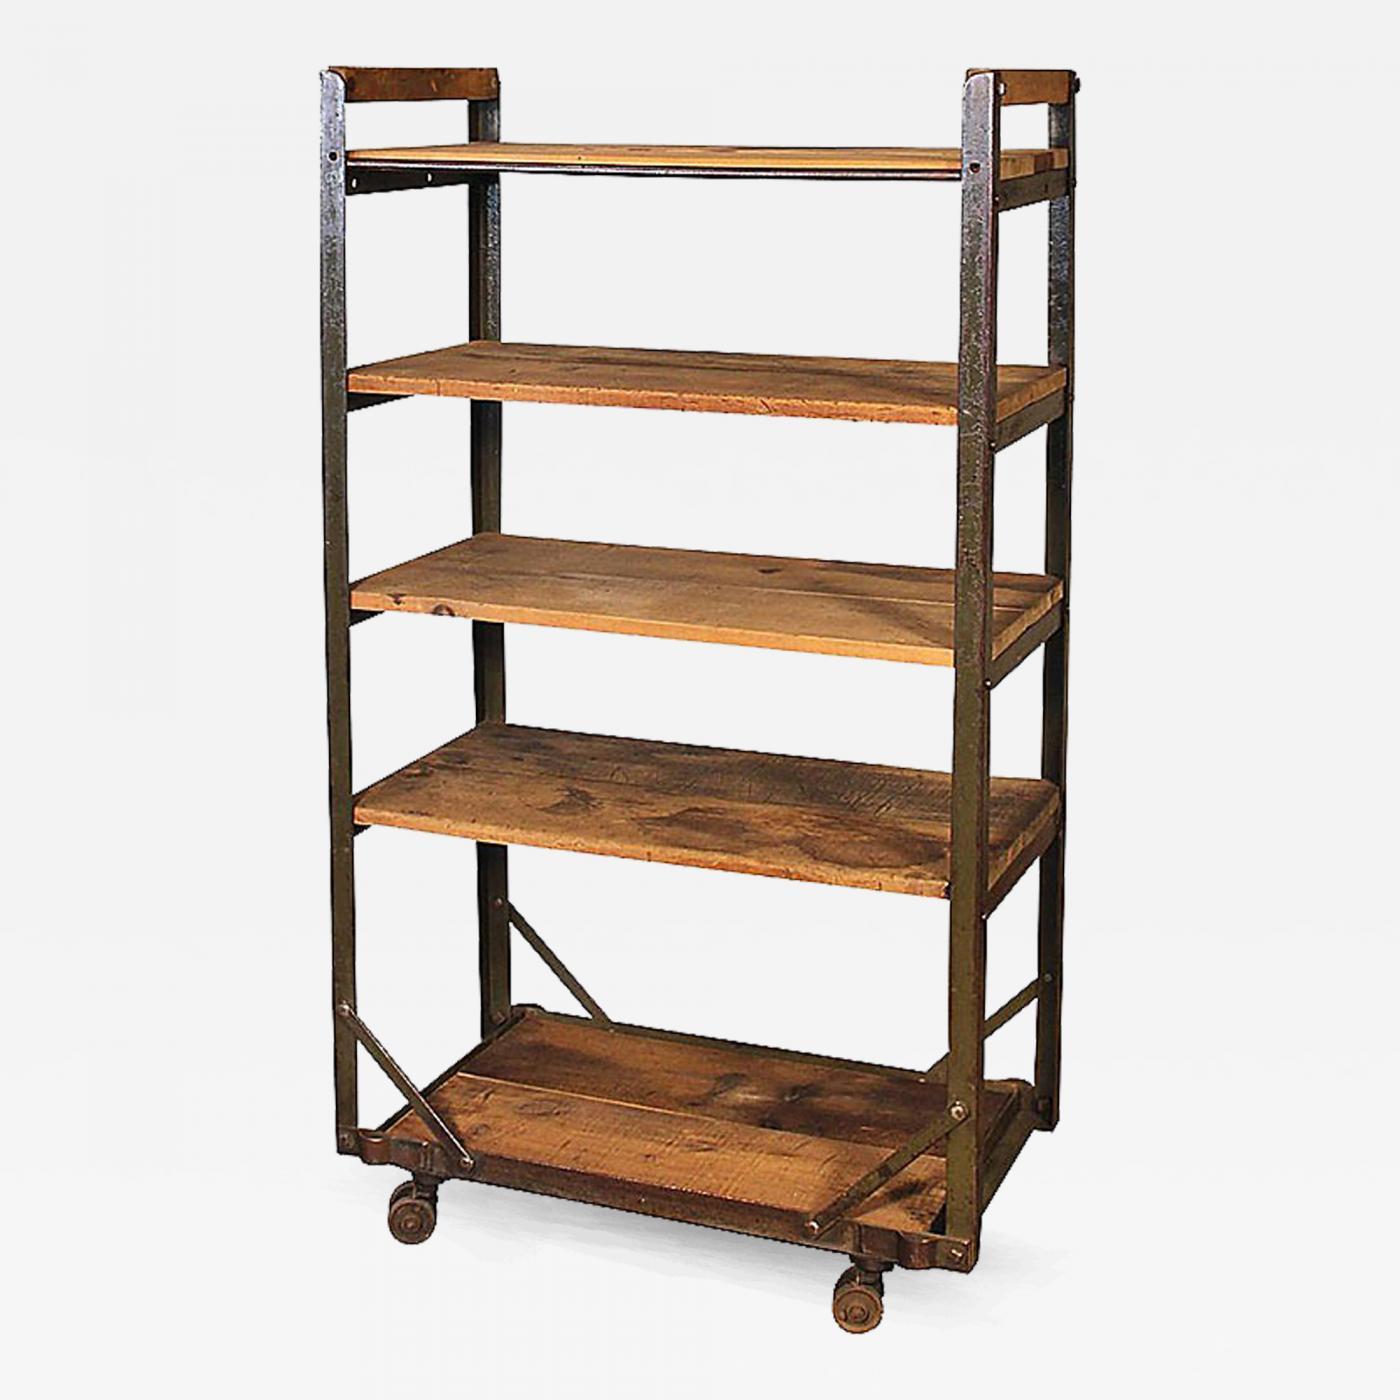 Superieur Listings / Furniture / Case Pieces U0026 Storage / Shelves